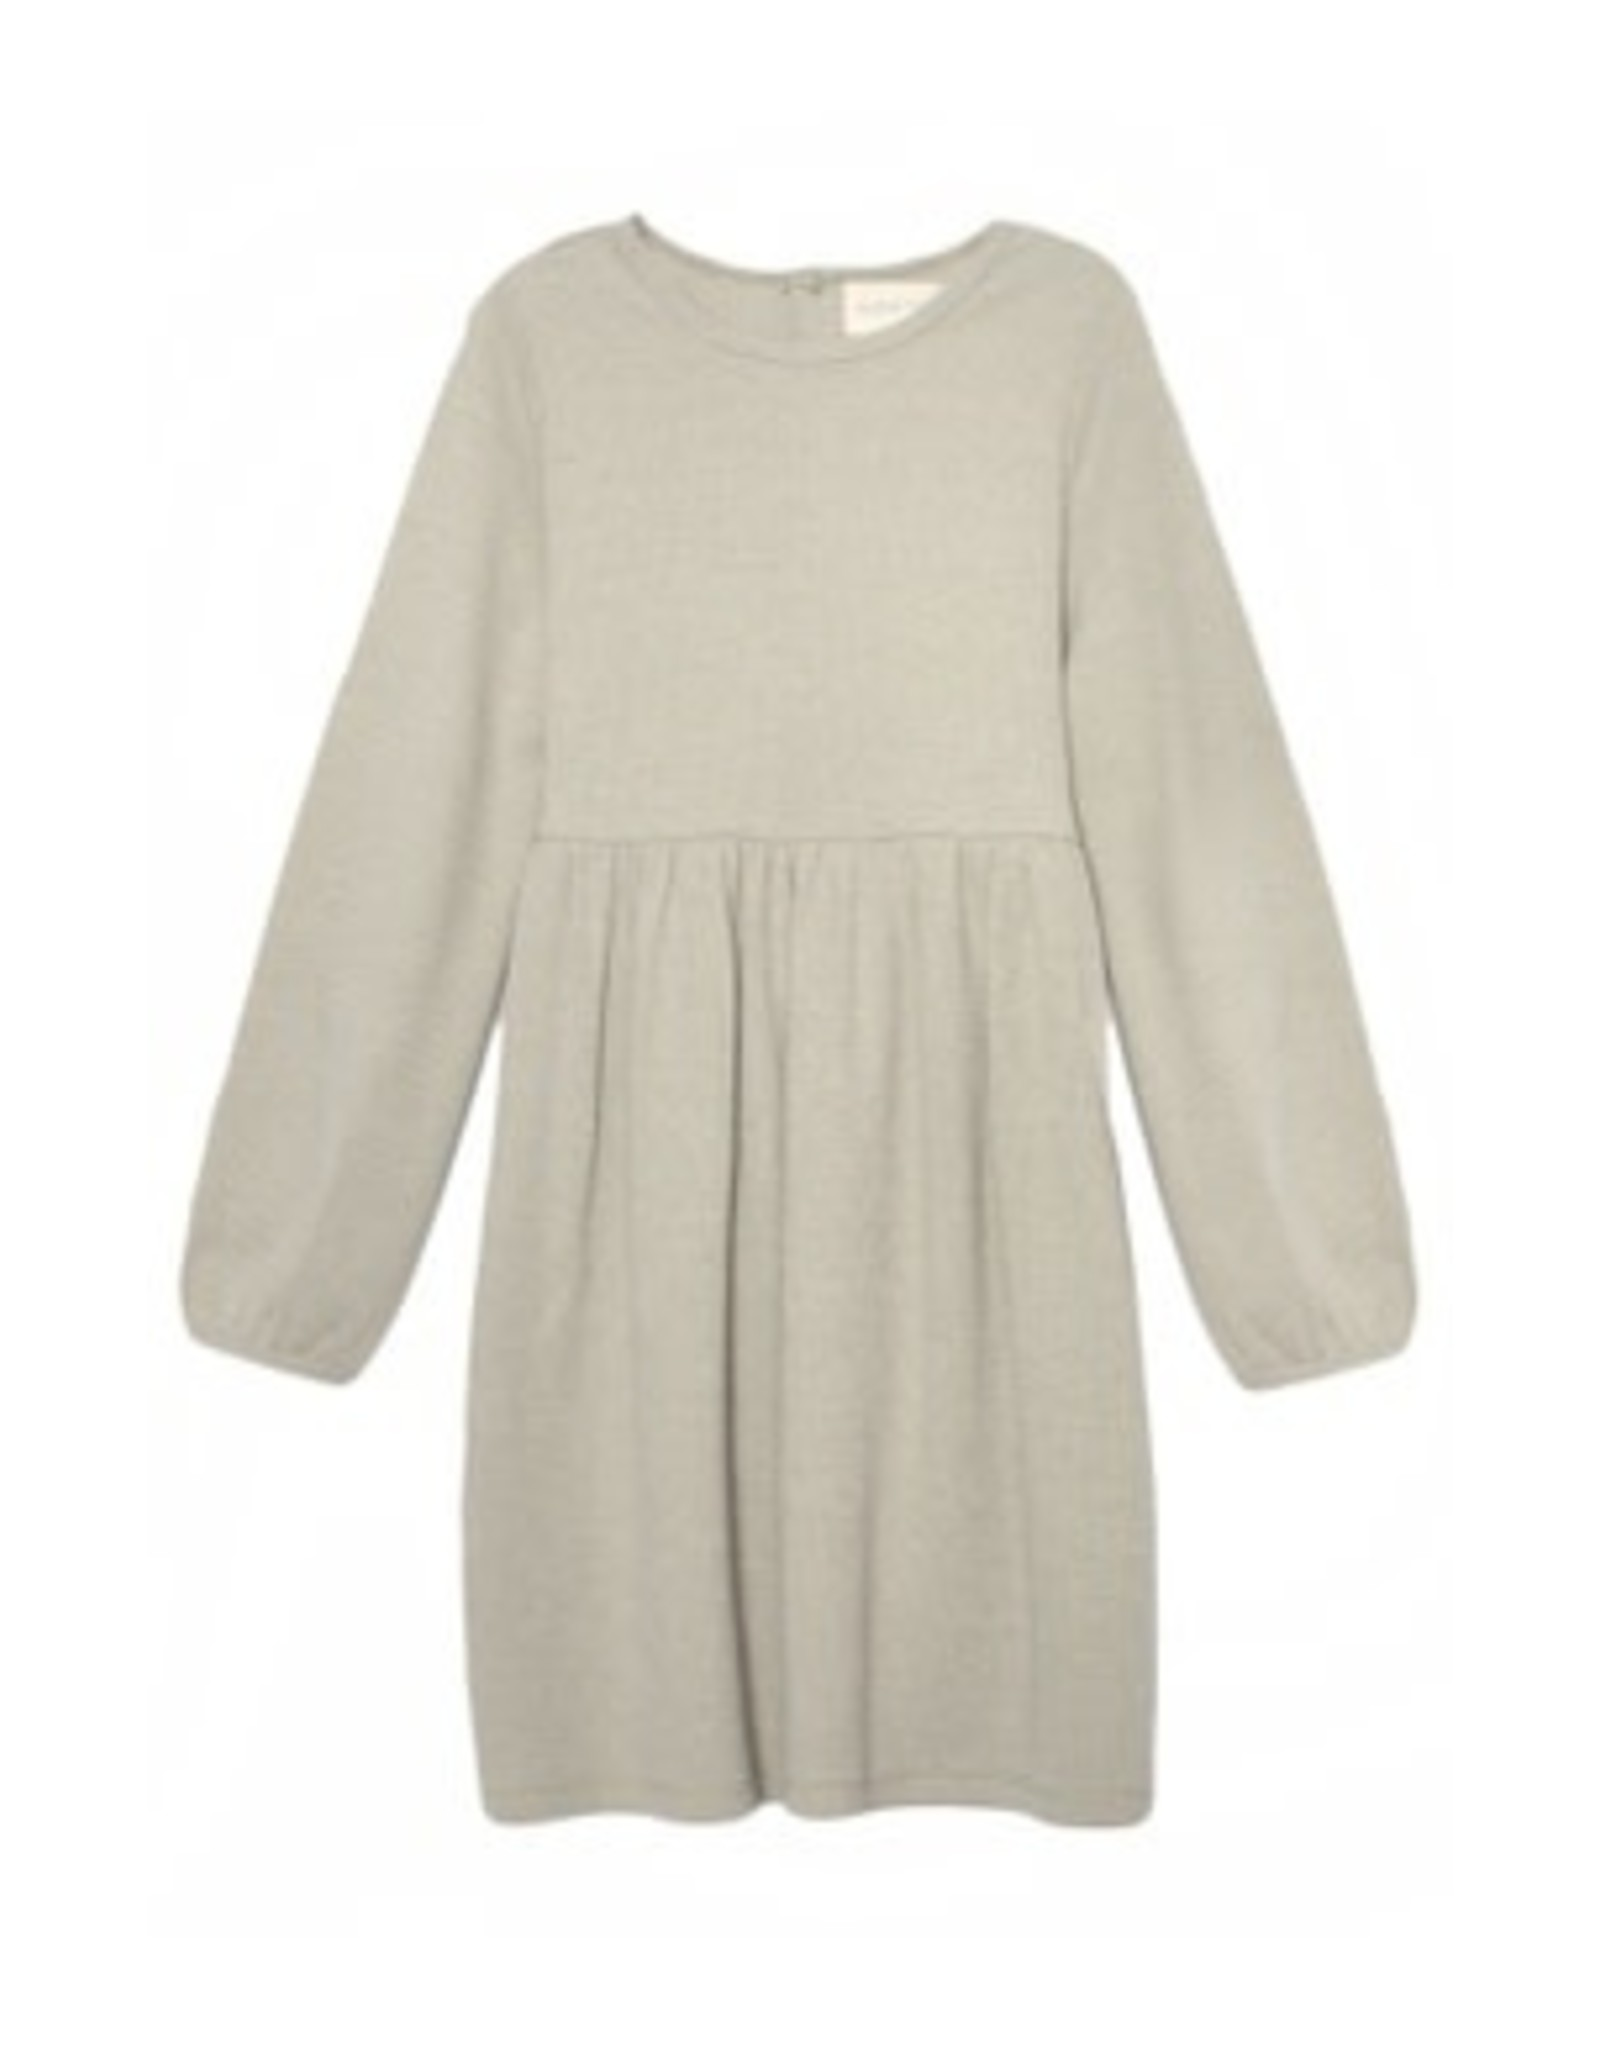 Mabel & Honey Mabel & Honey- Olive & Fig Knit Dress